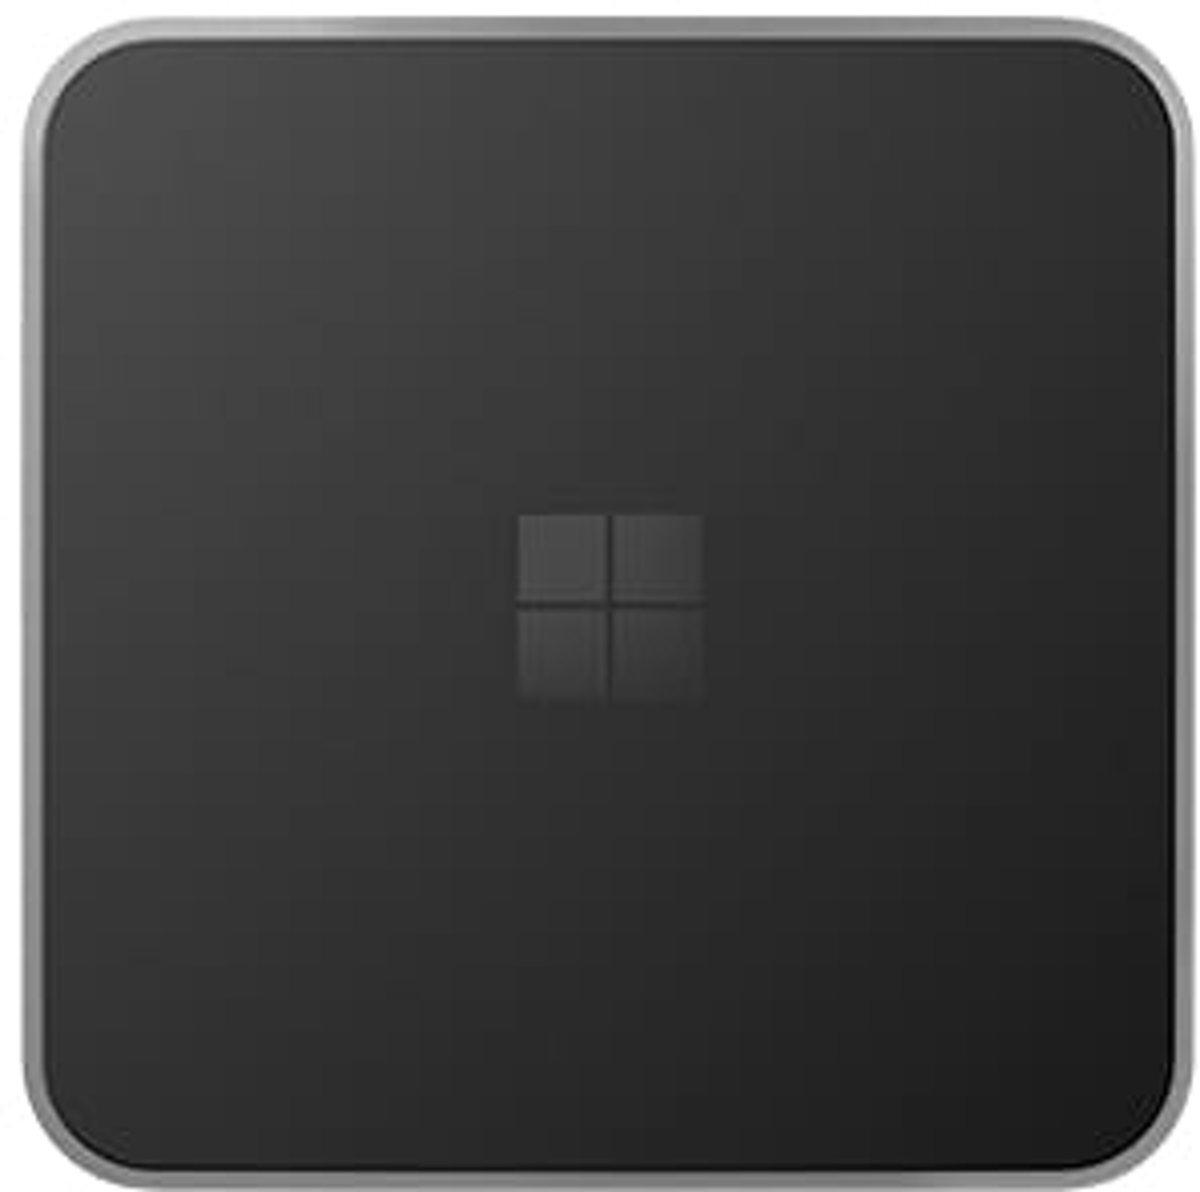 Microsoft Display Dock HD-500 Smartphone Zwart dockingstation voor mobiel apparaat